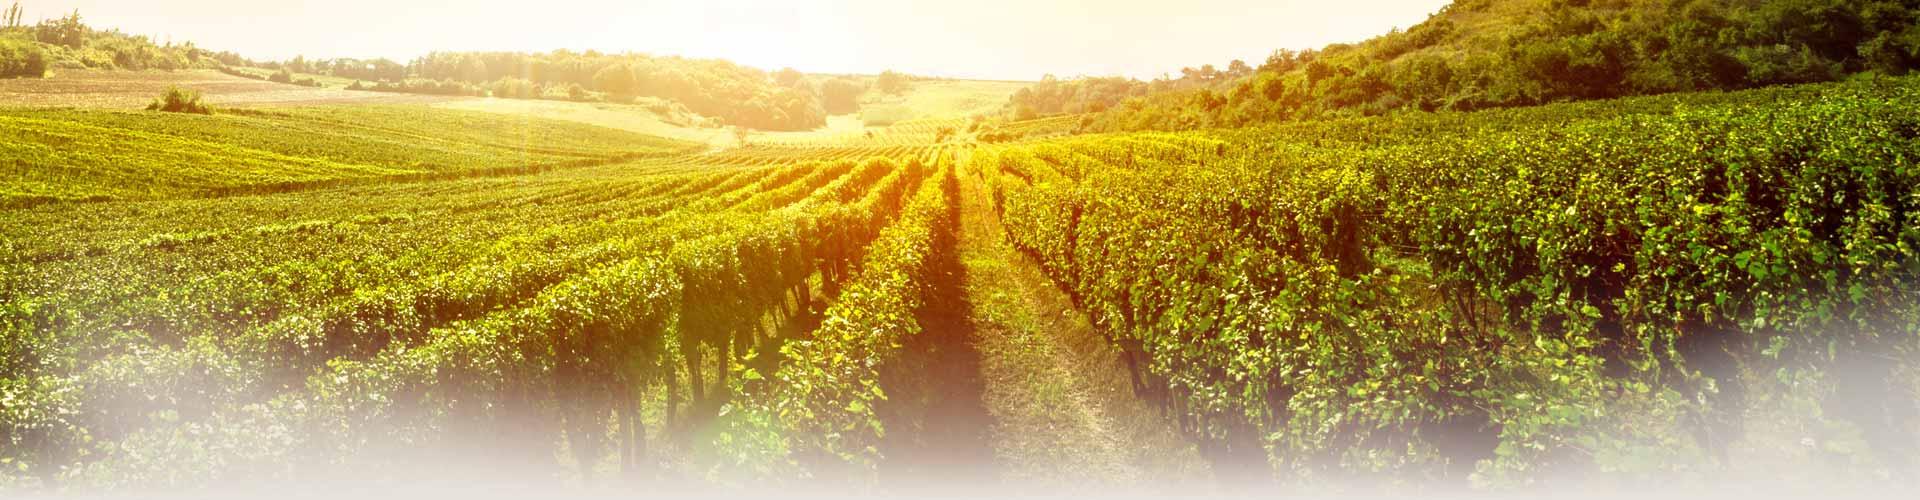 header-bg-minnegoed-wines